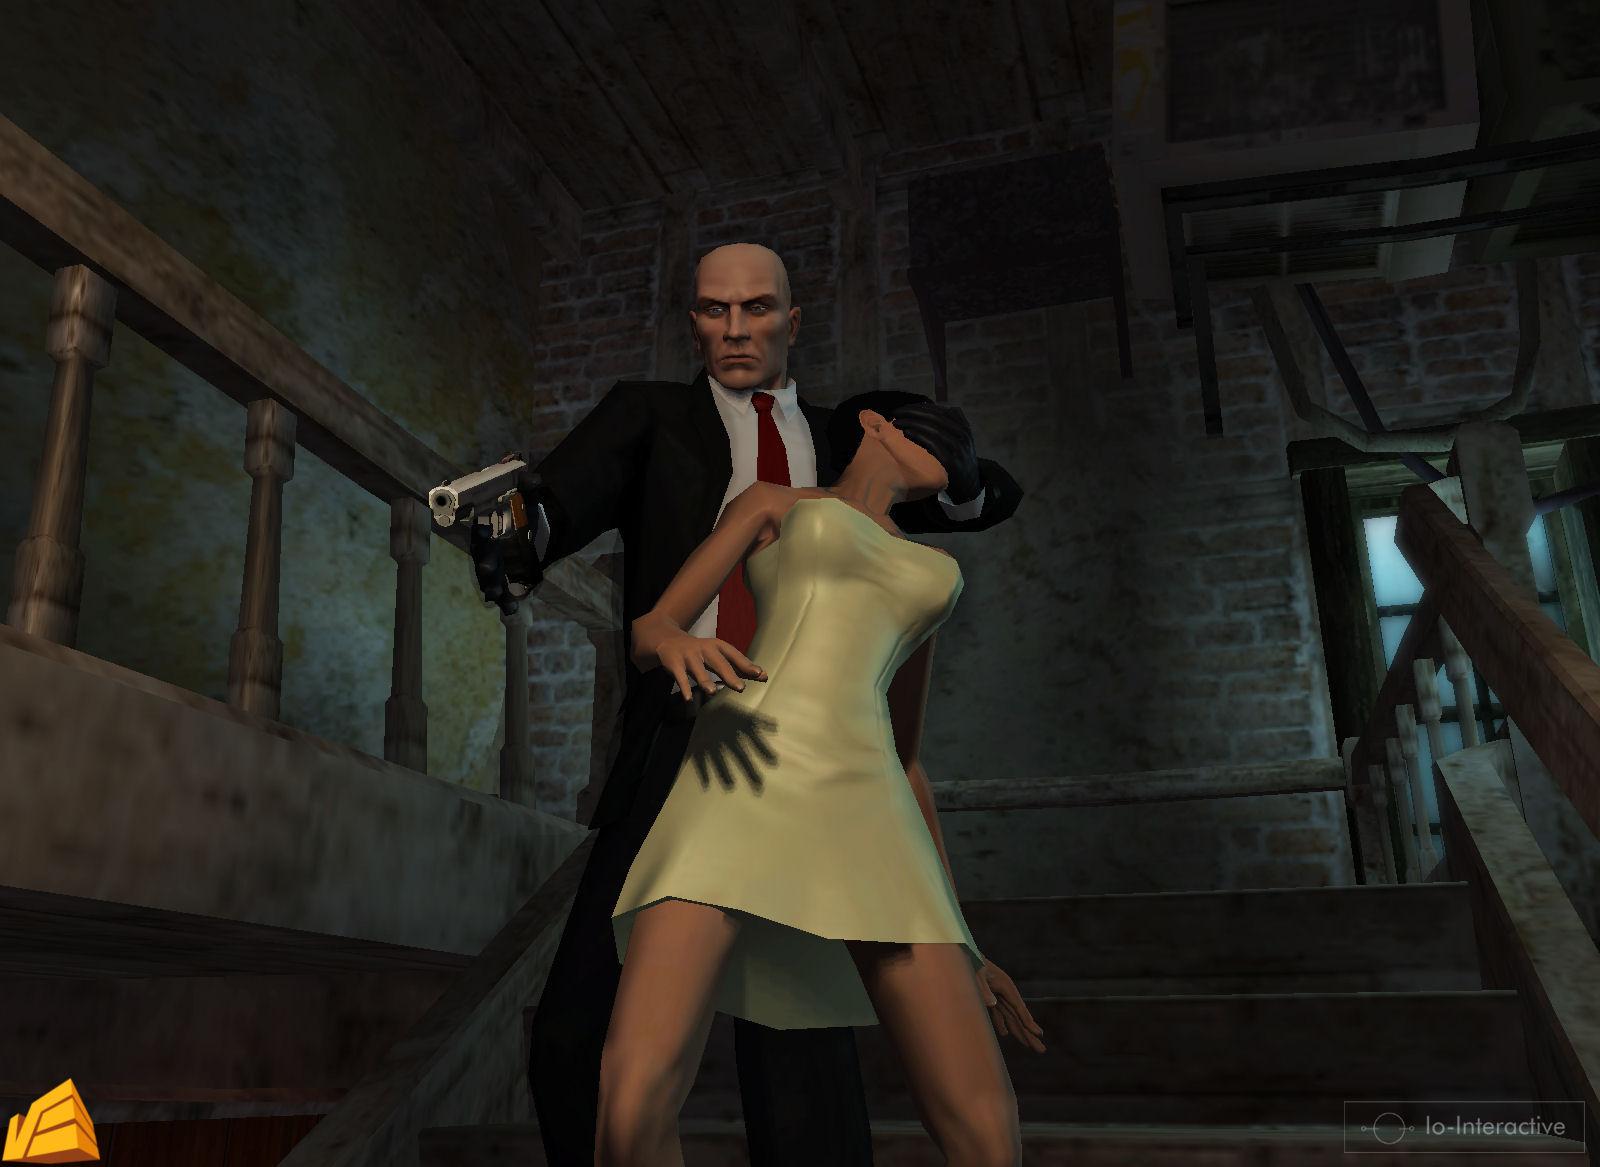 Hitman 2 est le prochain épisode de la populaire série de jeux d'action créée par le studio IO-Interactive, et en même temps une continuation directe du hit 2016.